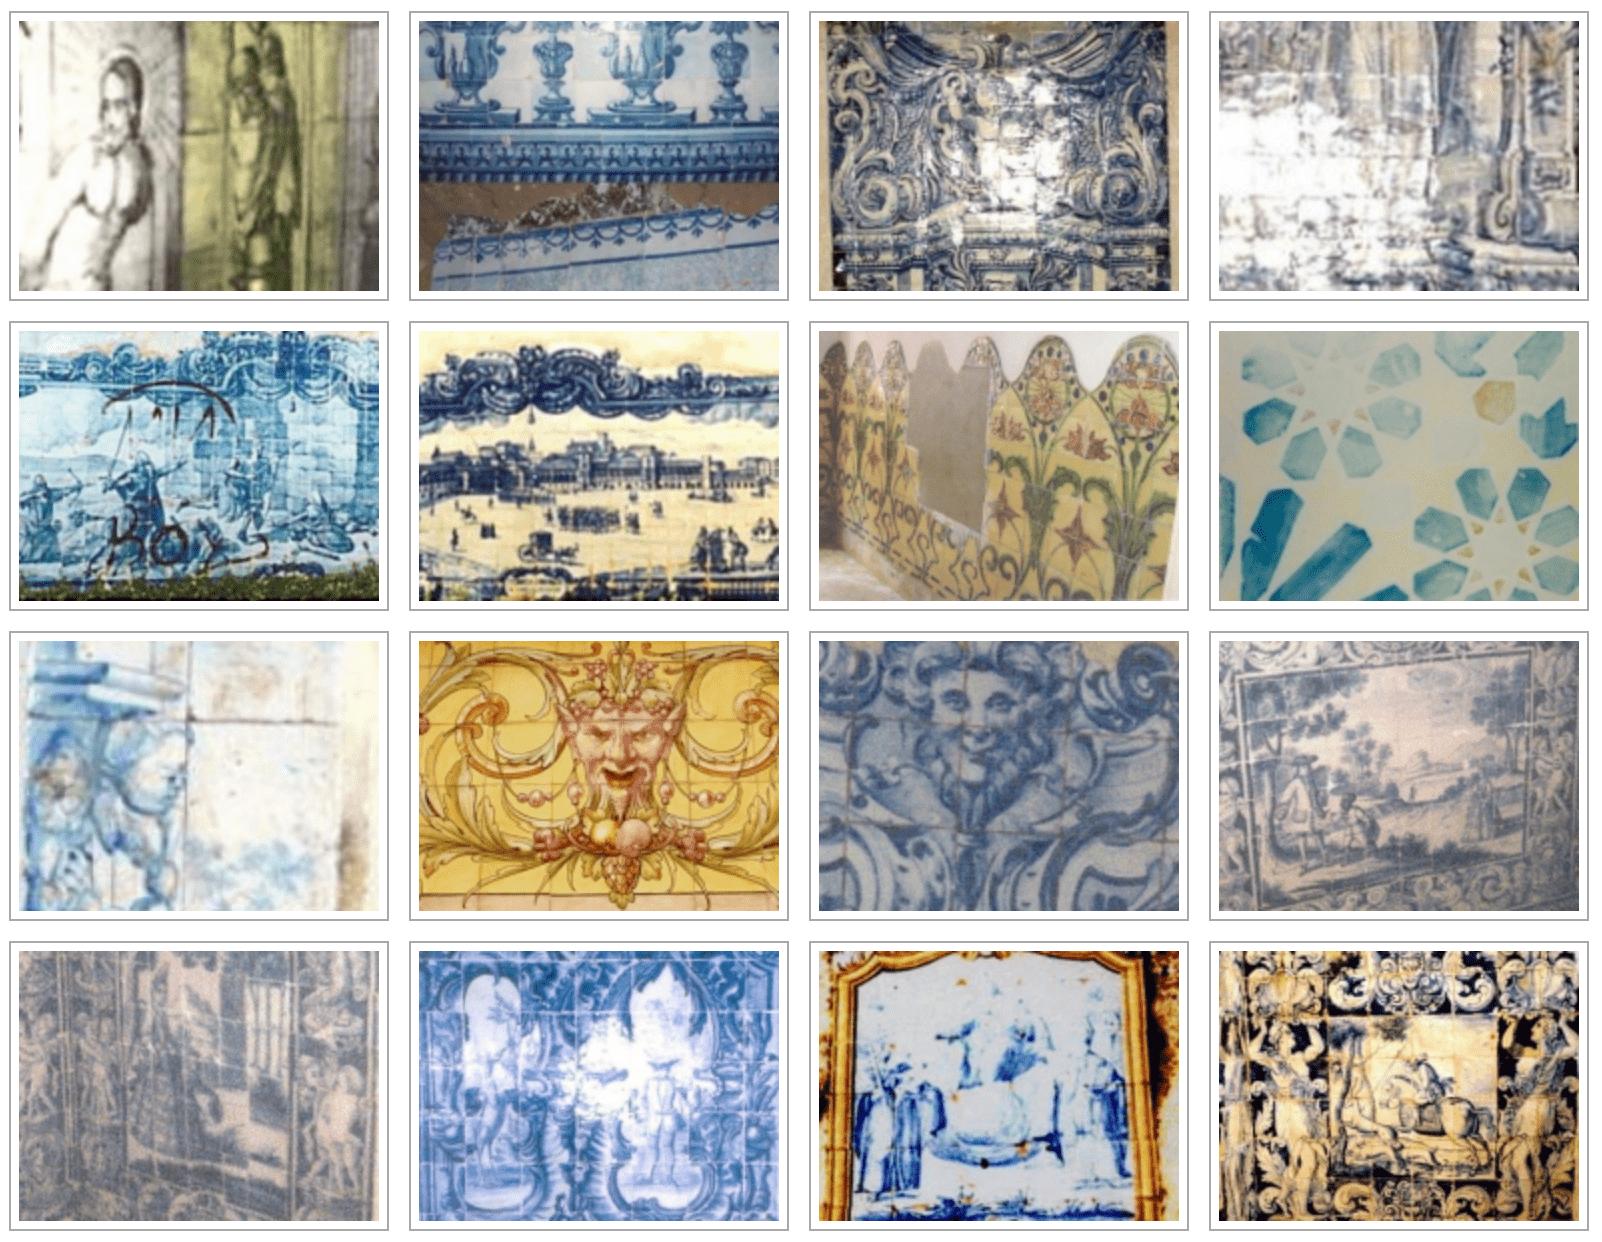 carrelages-azulejos